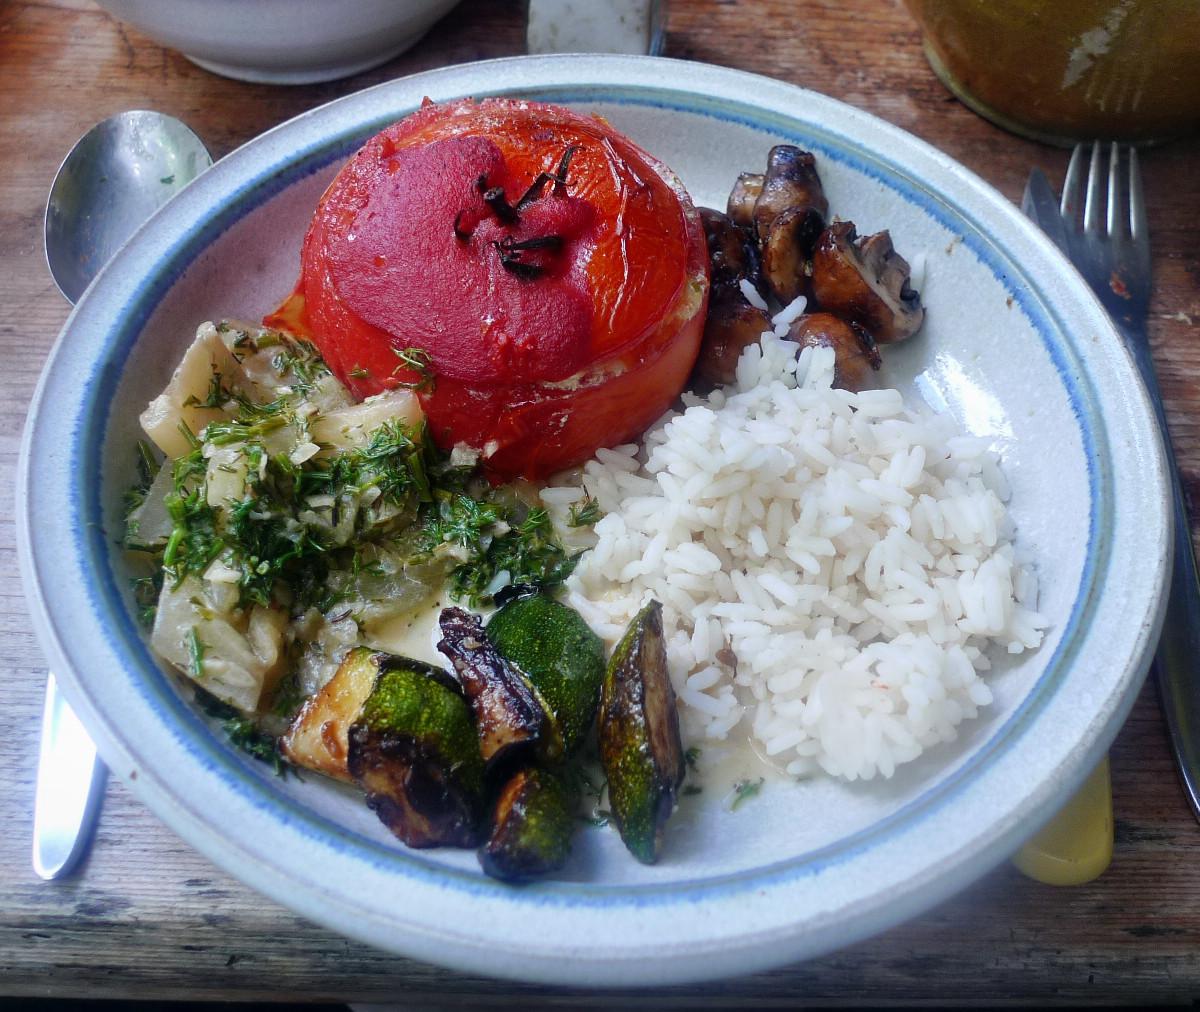 Gefüllte Tomaten,Gurkengemüse,Champignon,Zucchini,Reis-24.7.14   (1)